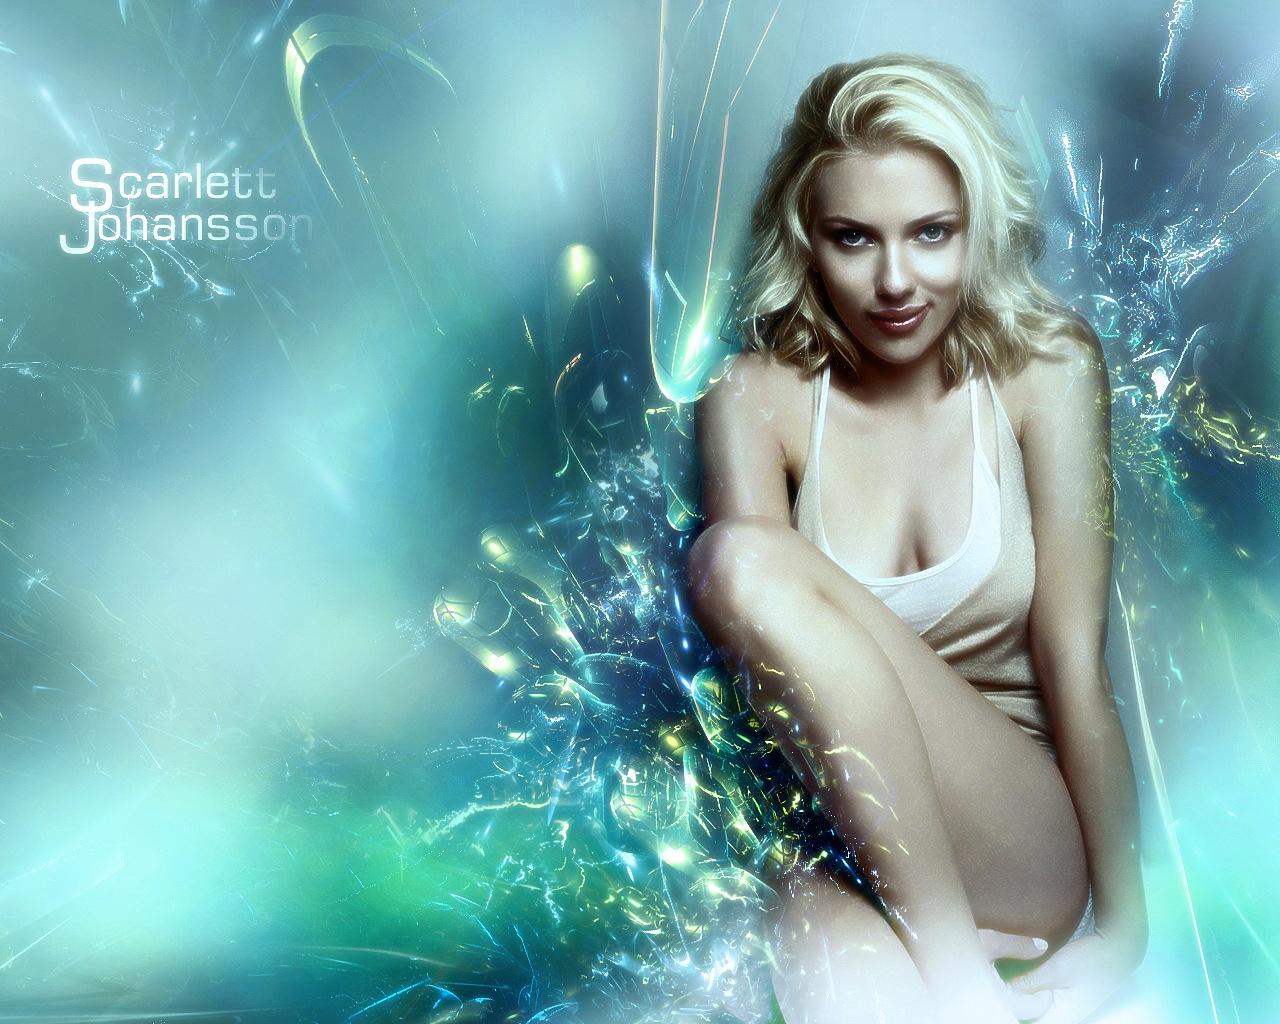 斯嘉丽?约翰逊(Scarlett Johansson)(壁纸1)